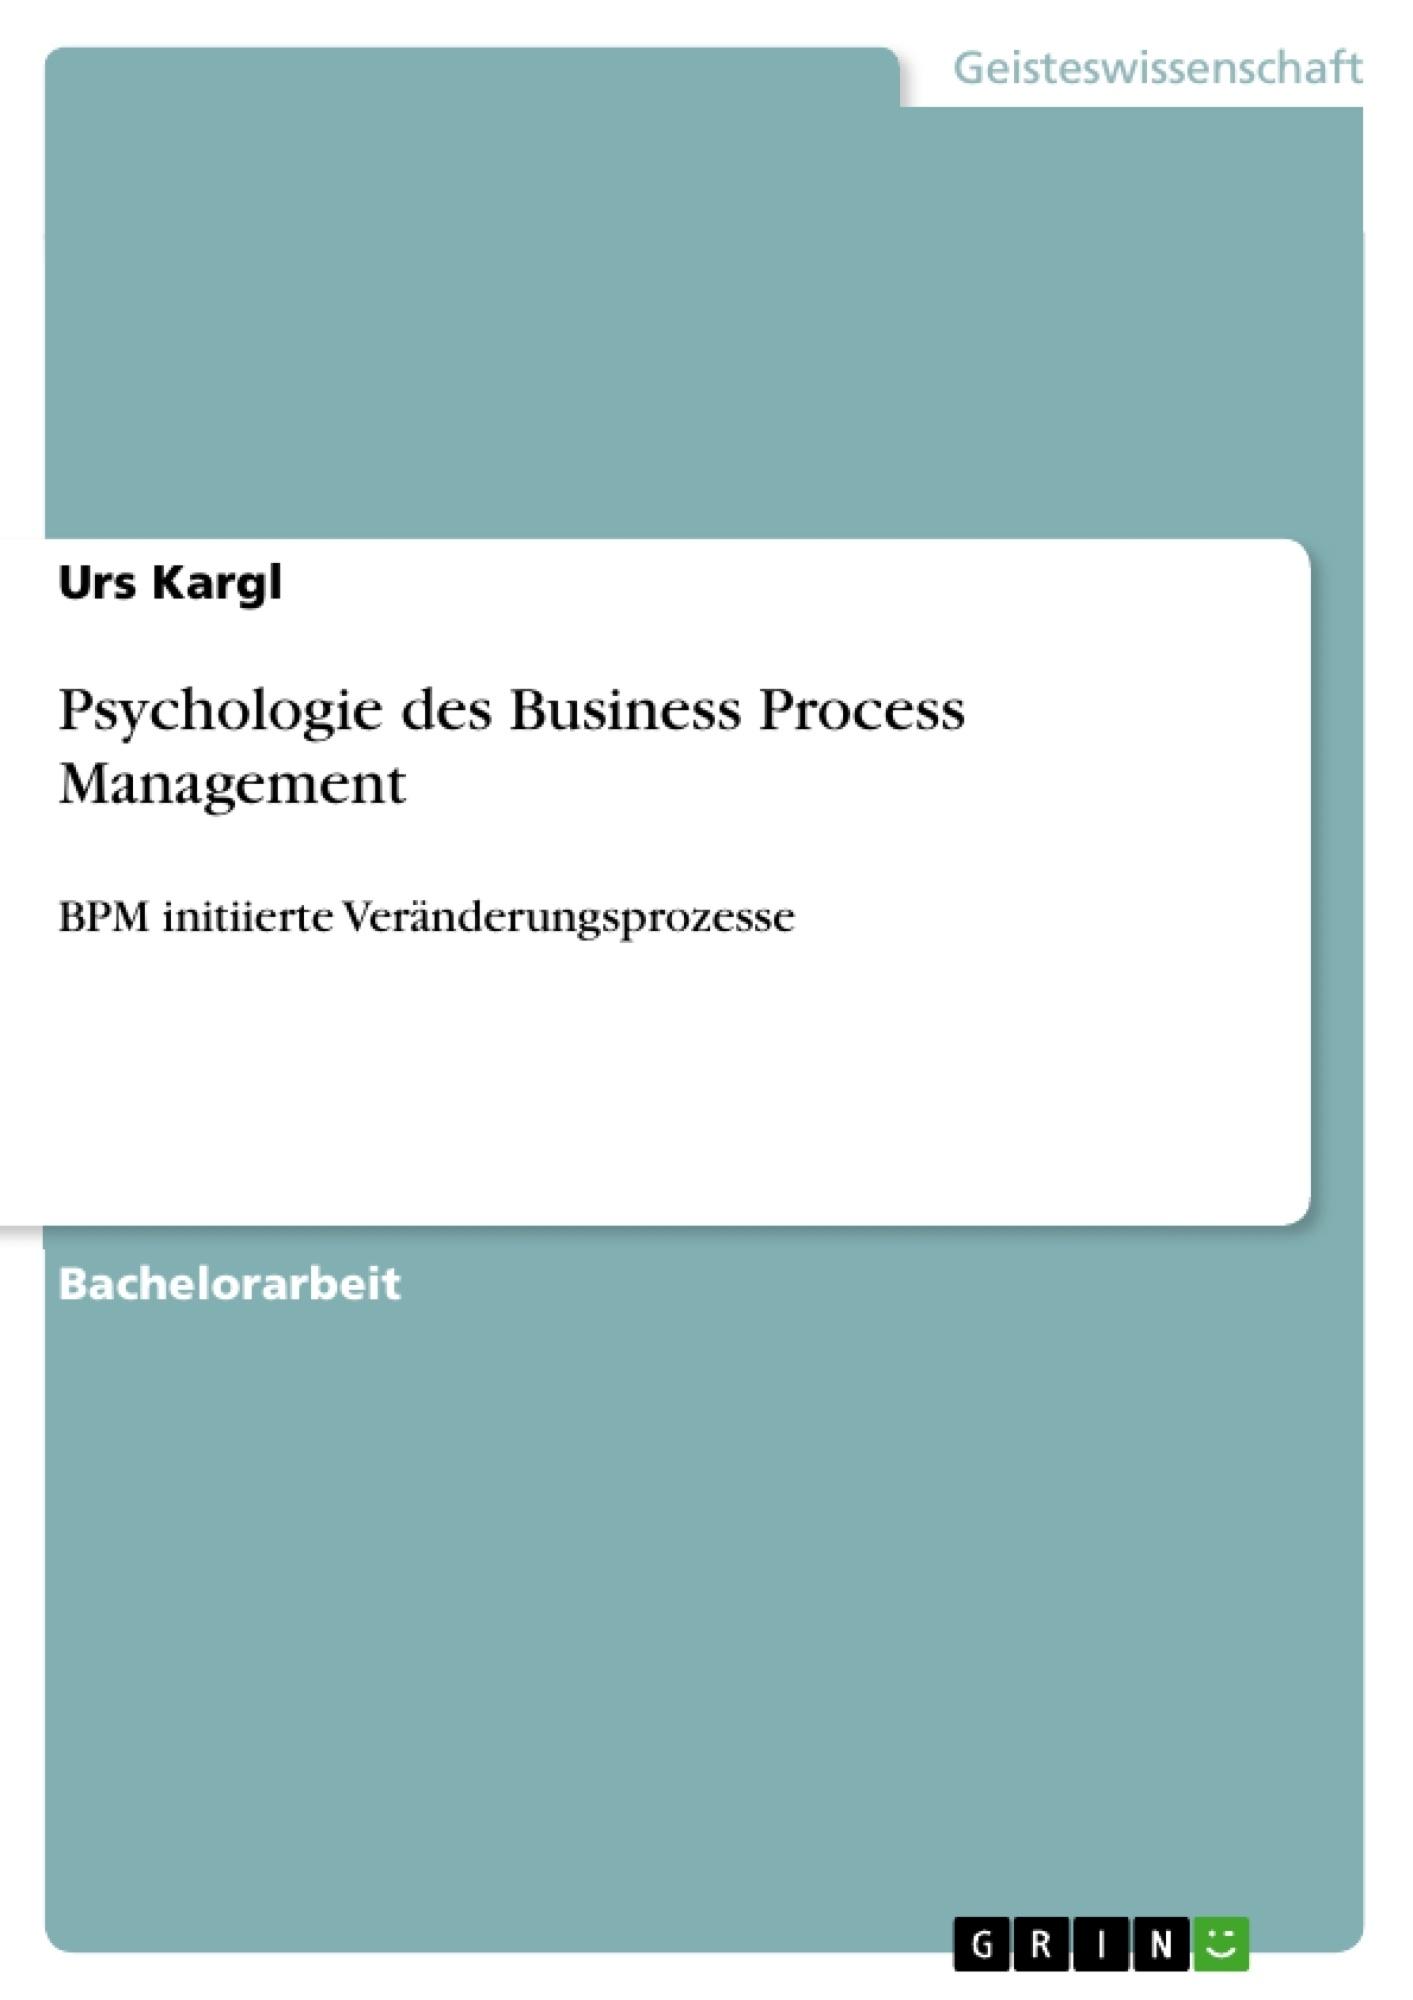 Titel: Psychologie des Business Process Management